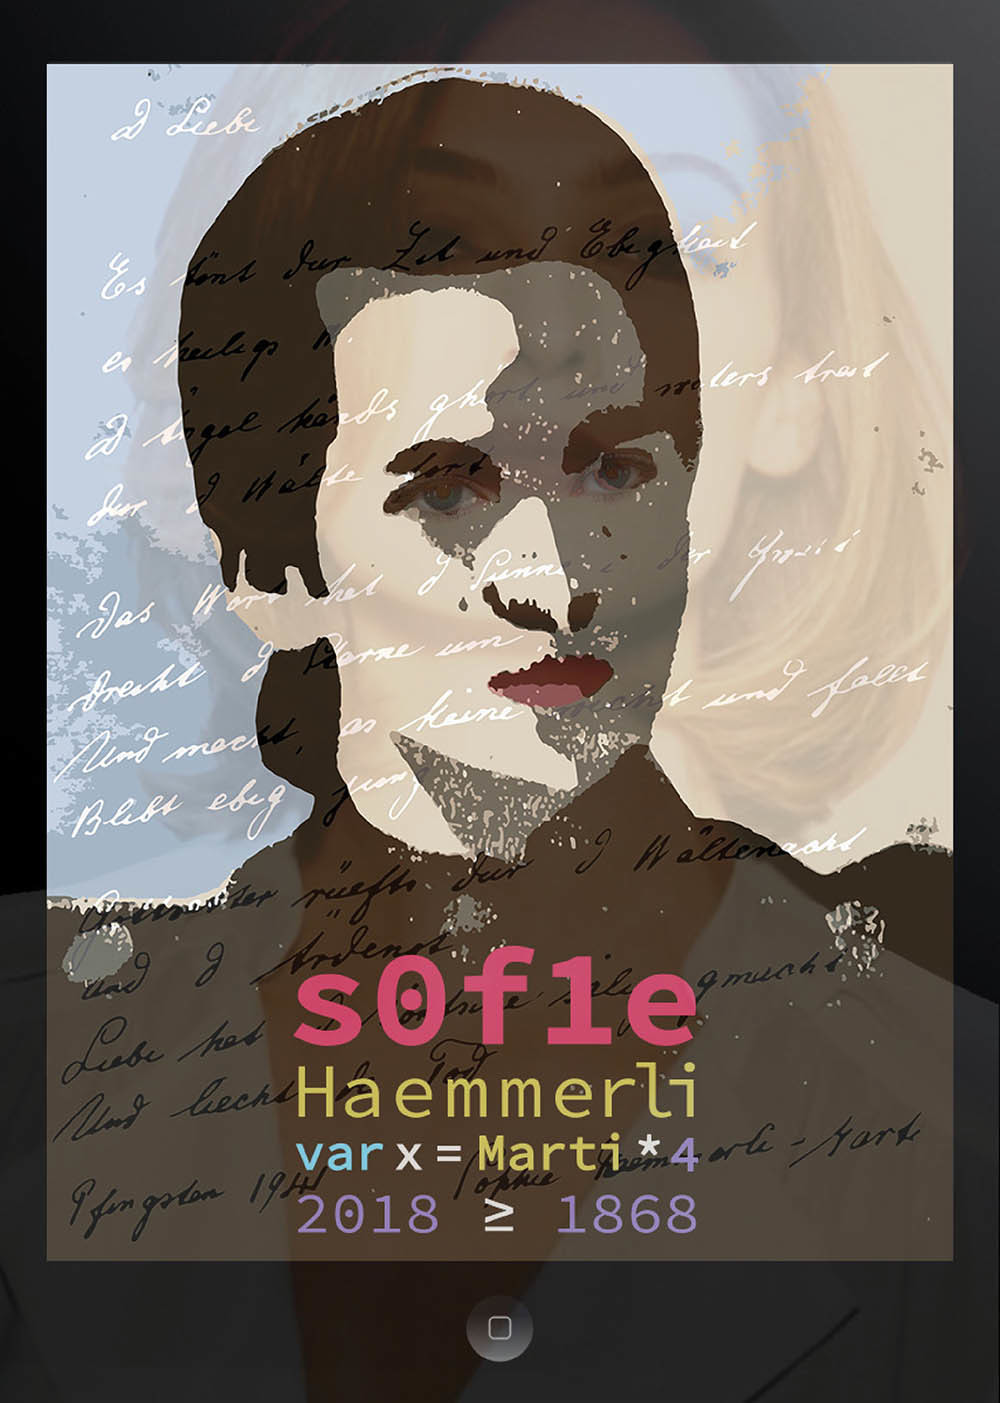 Theater-Flyer.jpg#asset:536